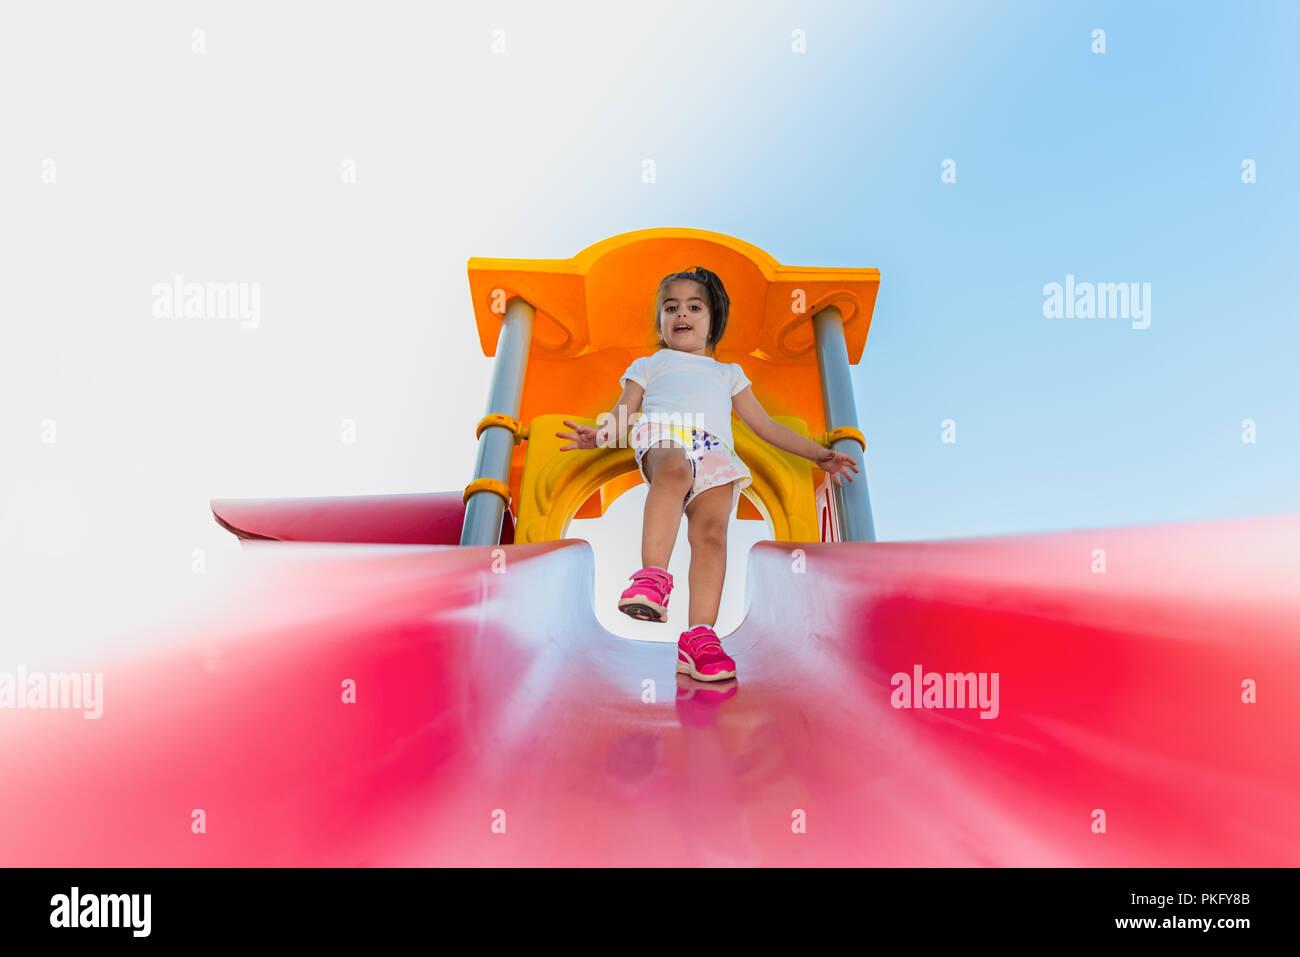 Retrato de cute little girl tratando de caminar sobre el deslizador rosa de arriba a abajo en el campo de juegos Imagen De Stock